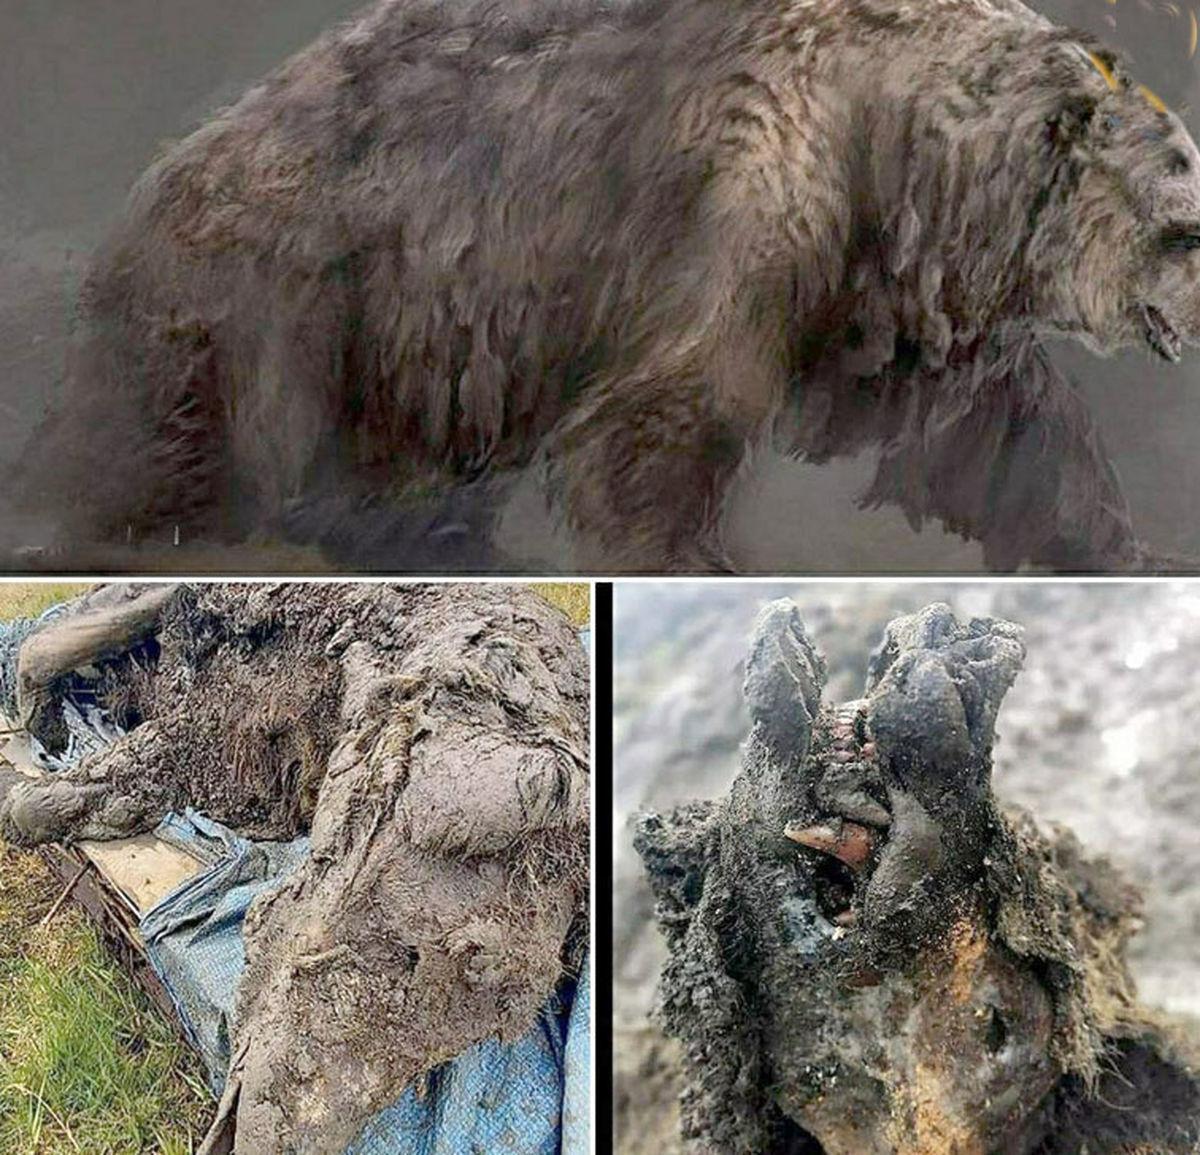 تصاویر یک خرس 39 هزار ساله سالم به وزن 1.5 تن